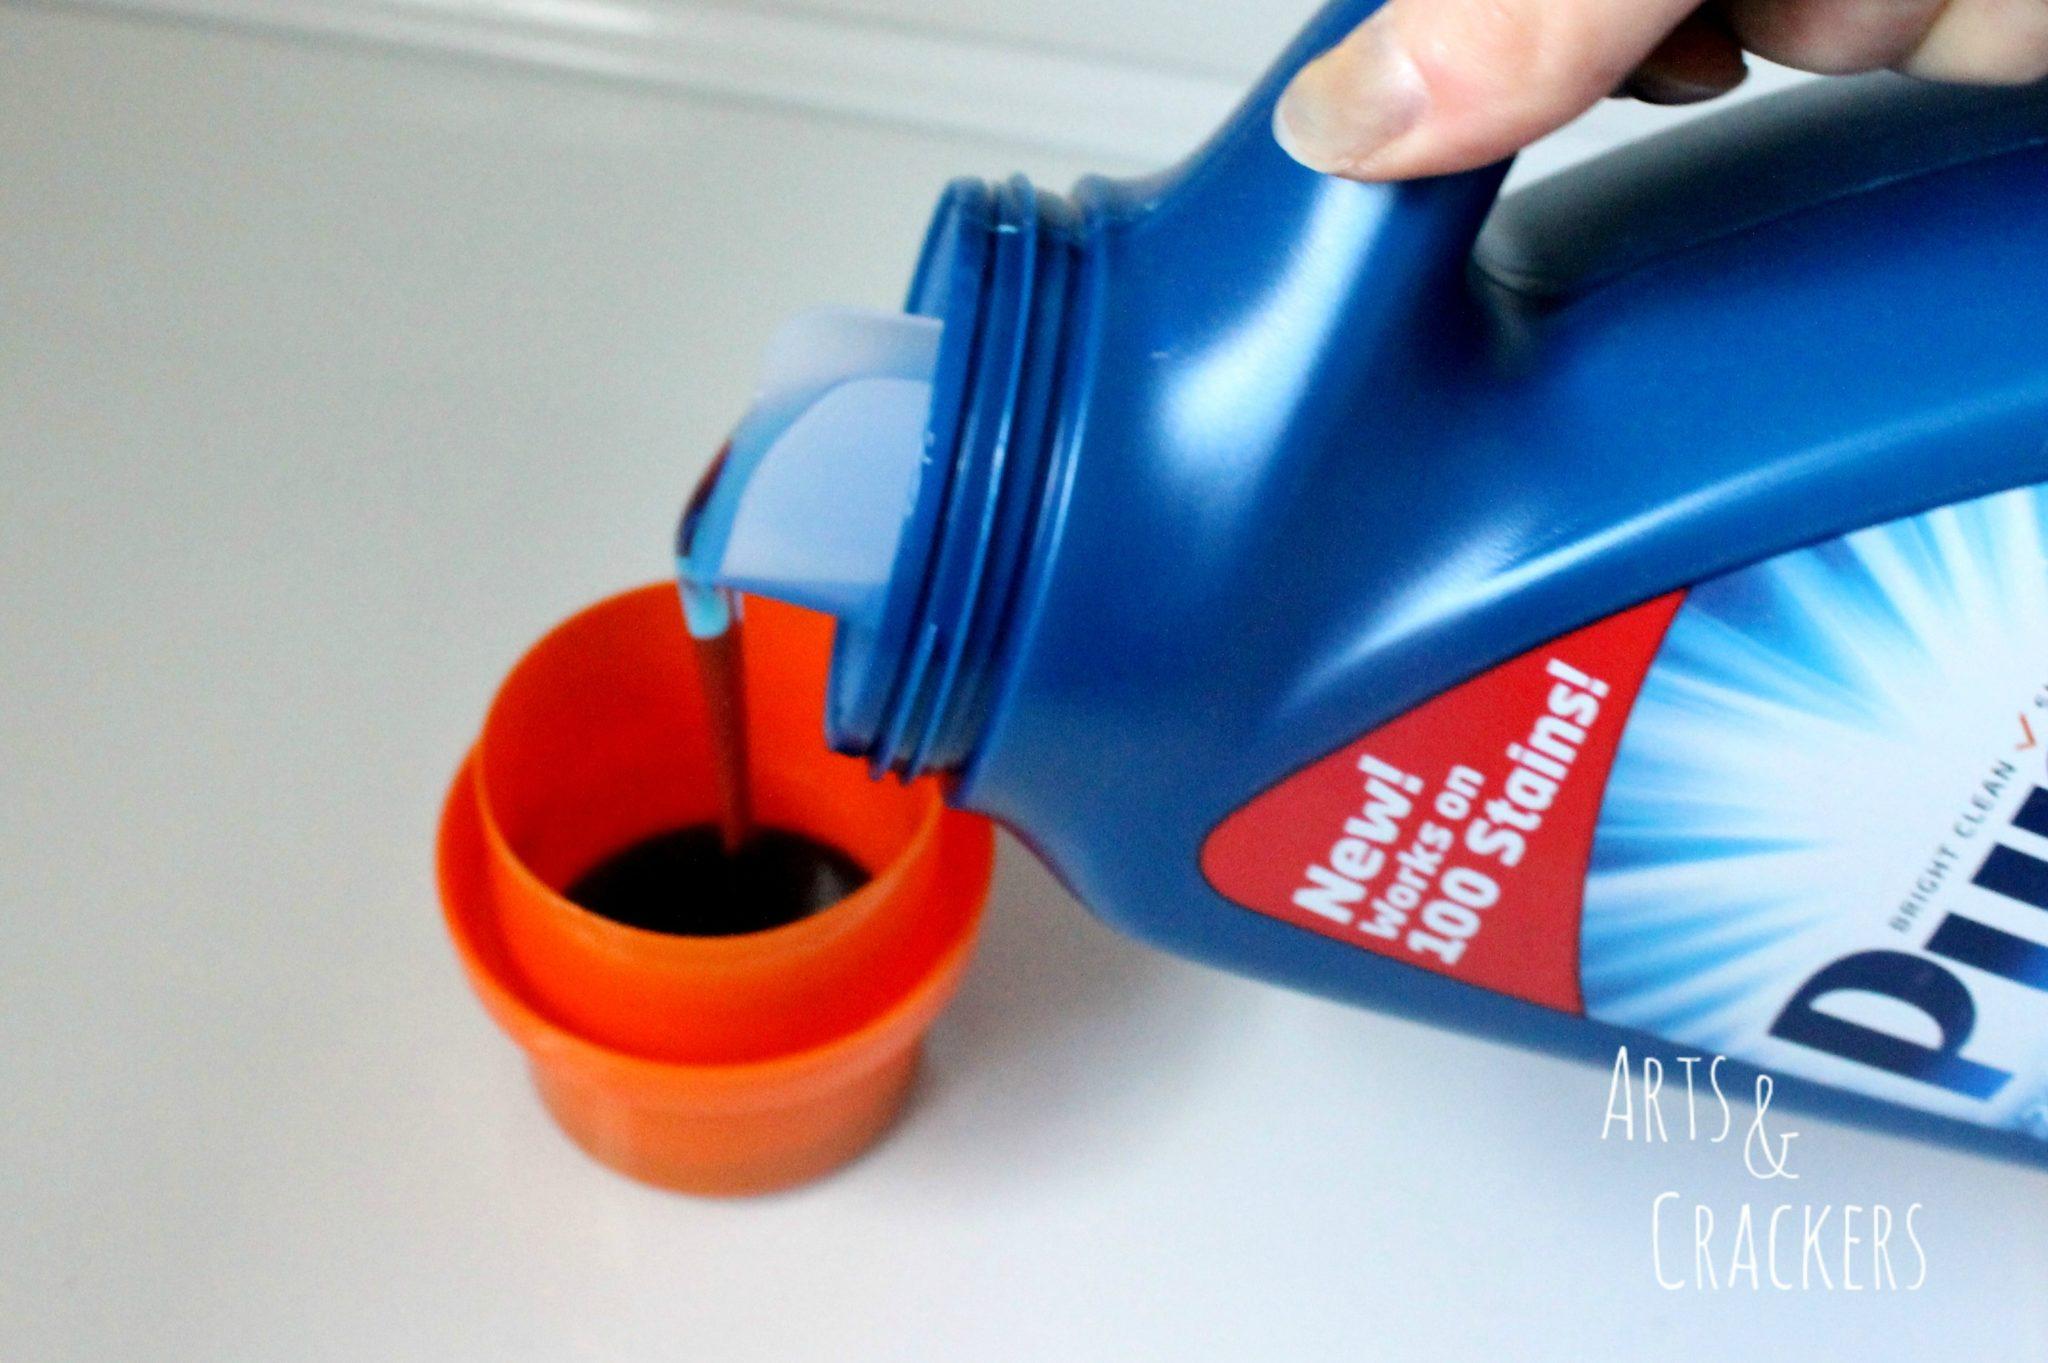 Purex Plus Clorox 2 Laundry Detergent Pouring